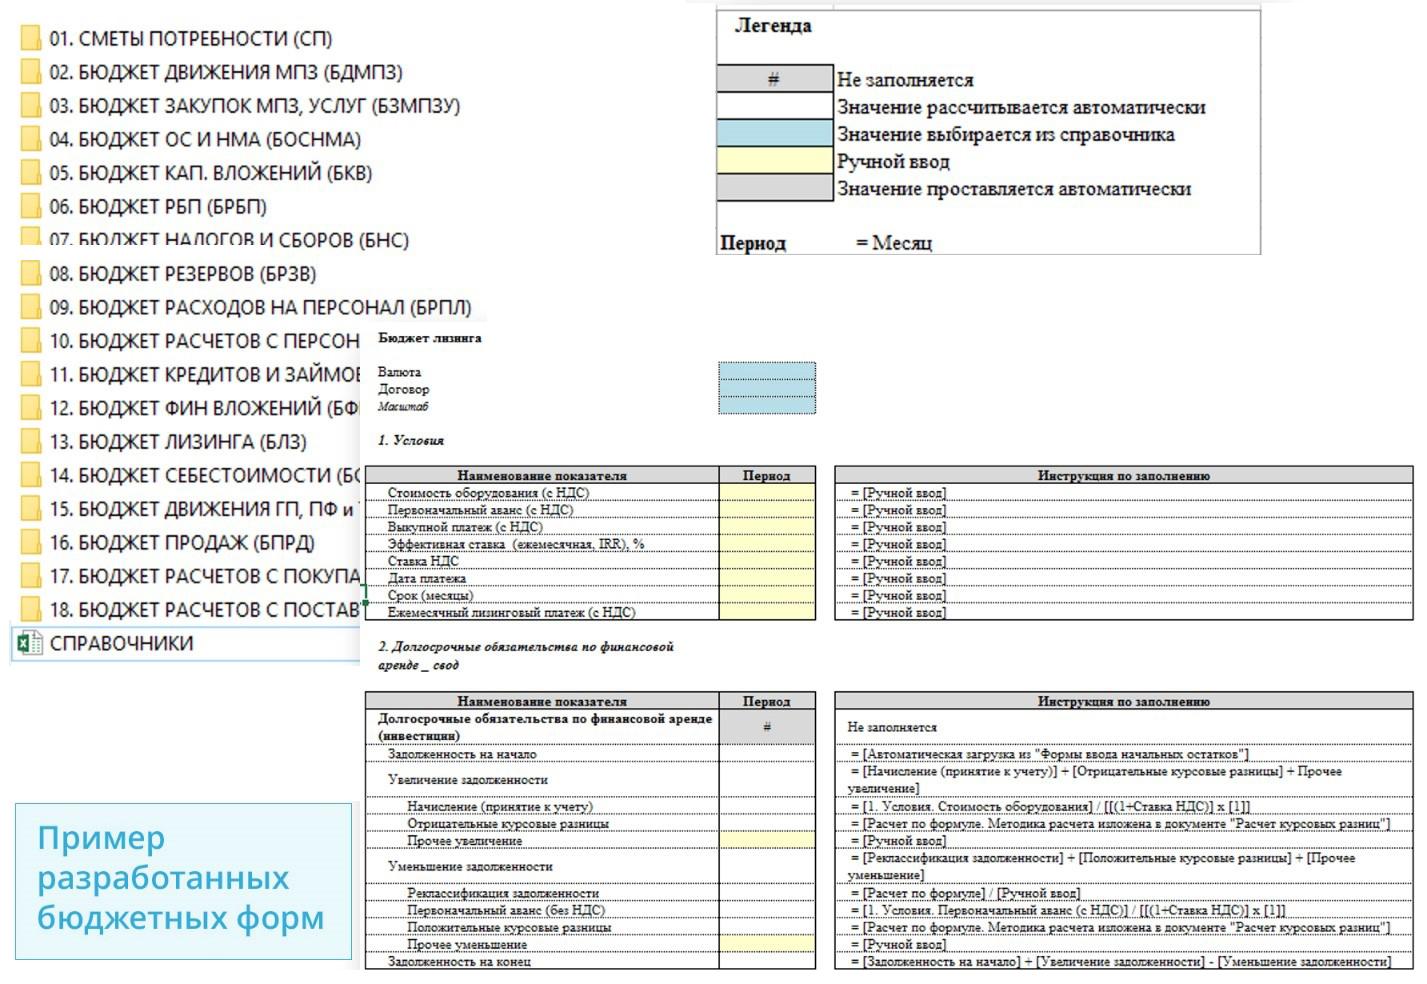 Пример разработанных бюджетных форм: